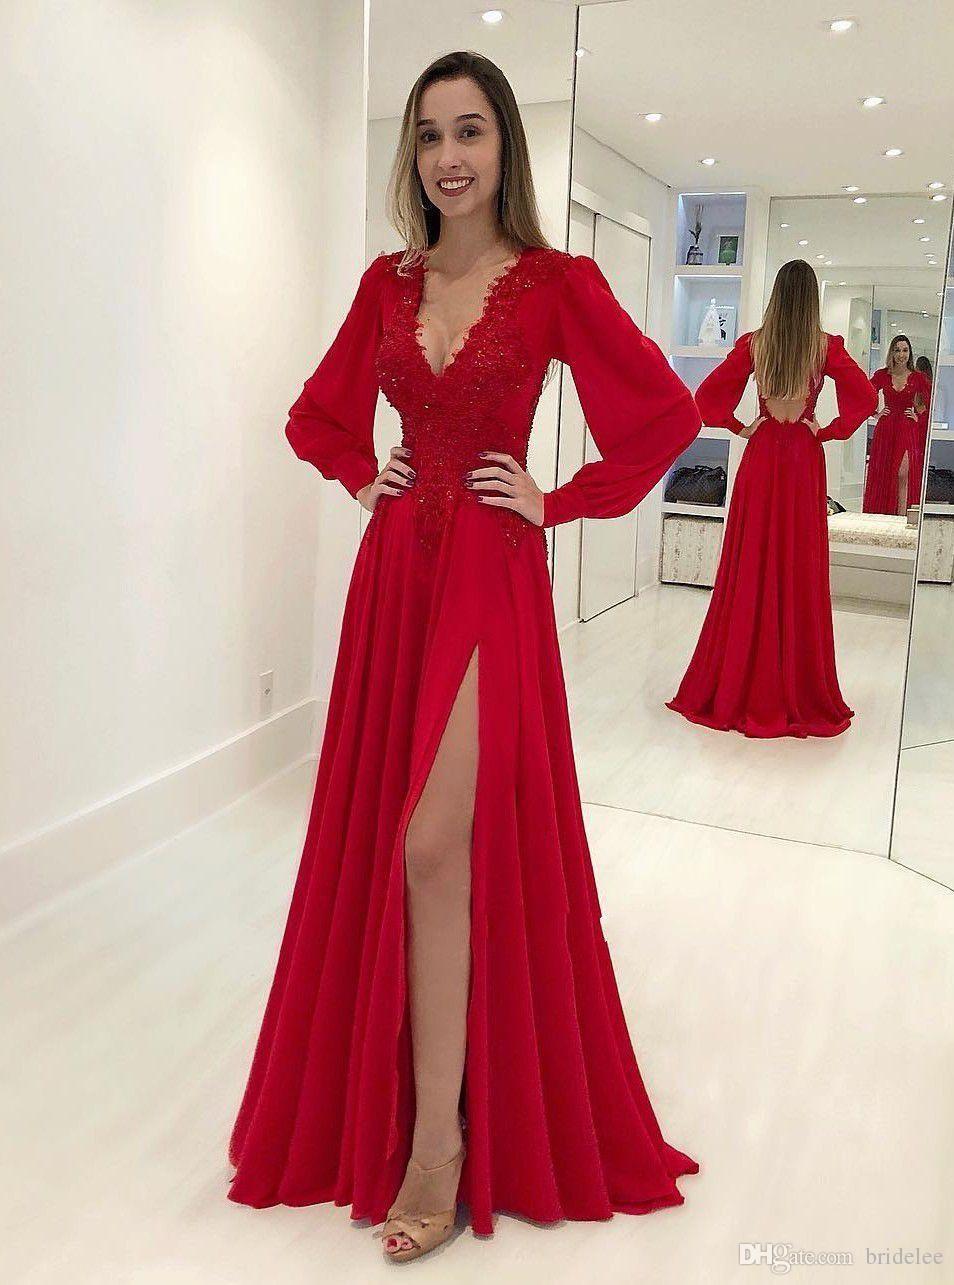 Abend Schön Abendmode Rot für 201915 Genial Abendmode Rot Design